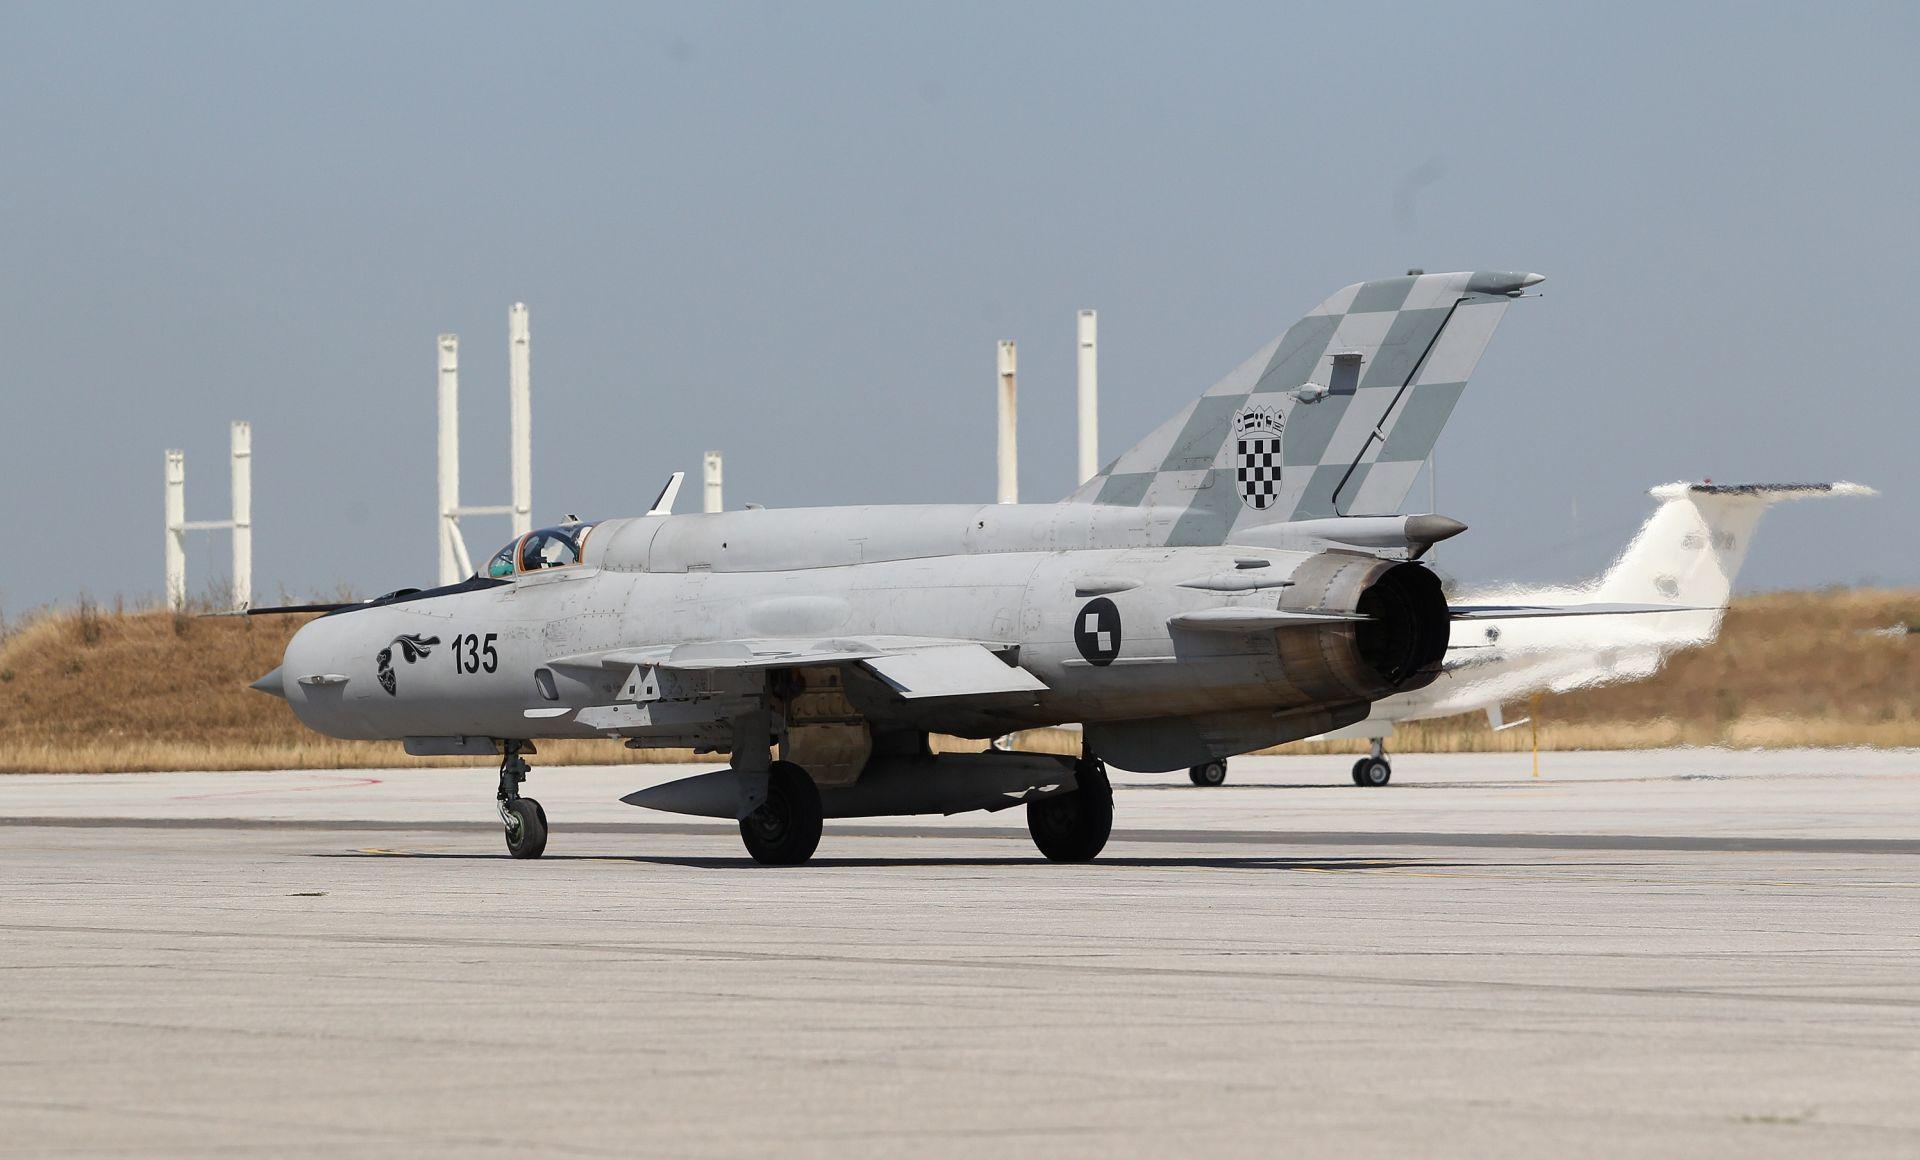 Ukrajinski veleposlanik o MIG-ovima: Ukrajina je spremna i otkupiti ovih 12 zrakoplova od Hrvatske vojske ako će biti potrebno,